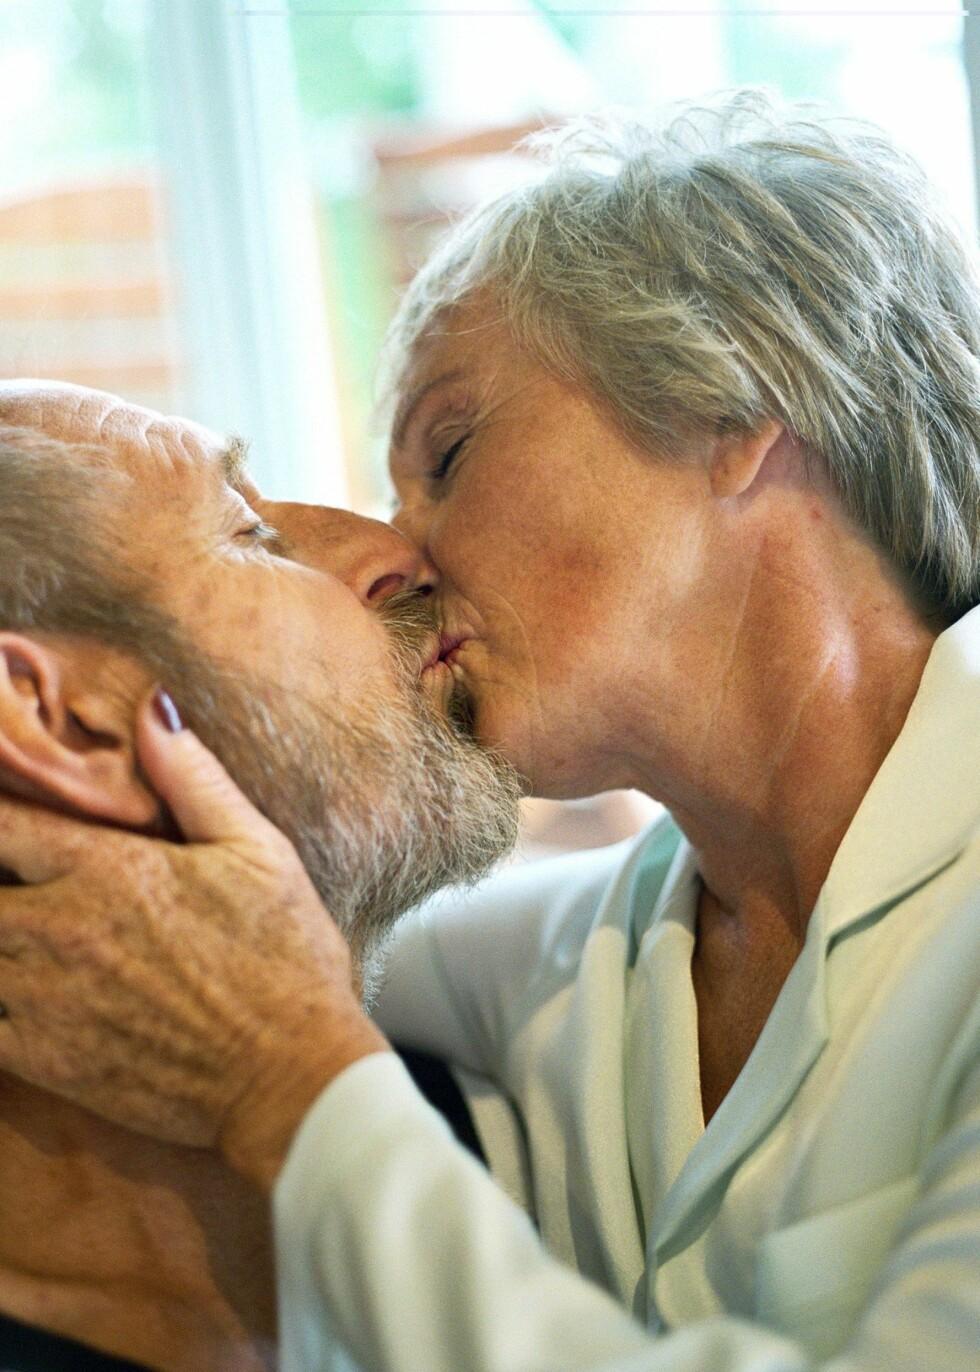 Et menneske på 70 år har i snitt brukt 76 hele dager på å kysse. Illustrasjonsfoto: Colourbox Foto: Illustrasjonsfoto: Colourbox